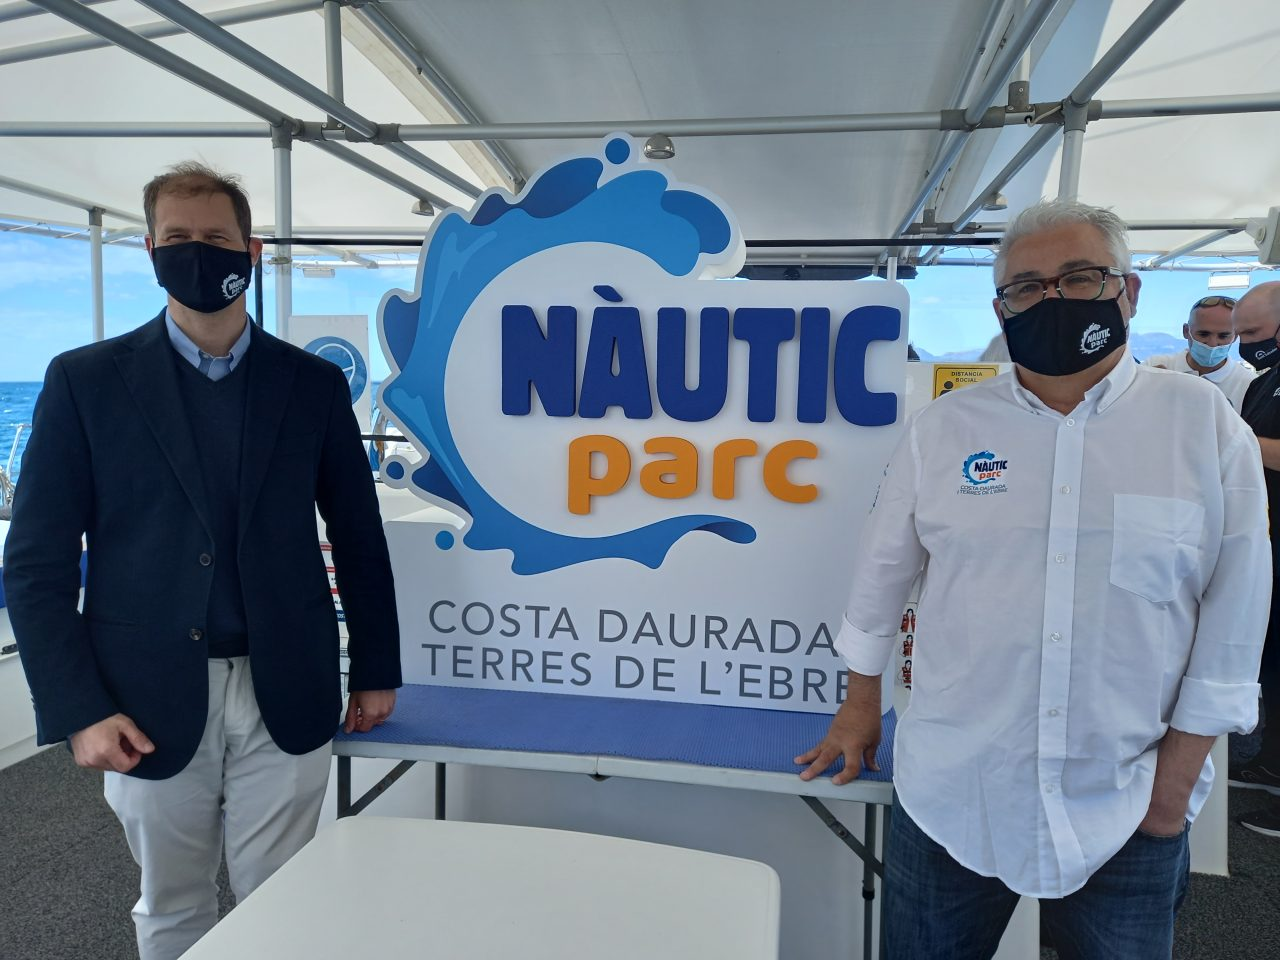 nautic-1280x960.jpg